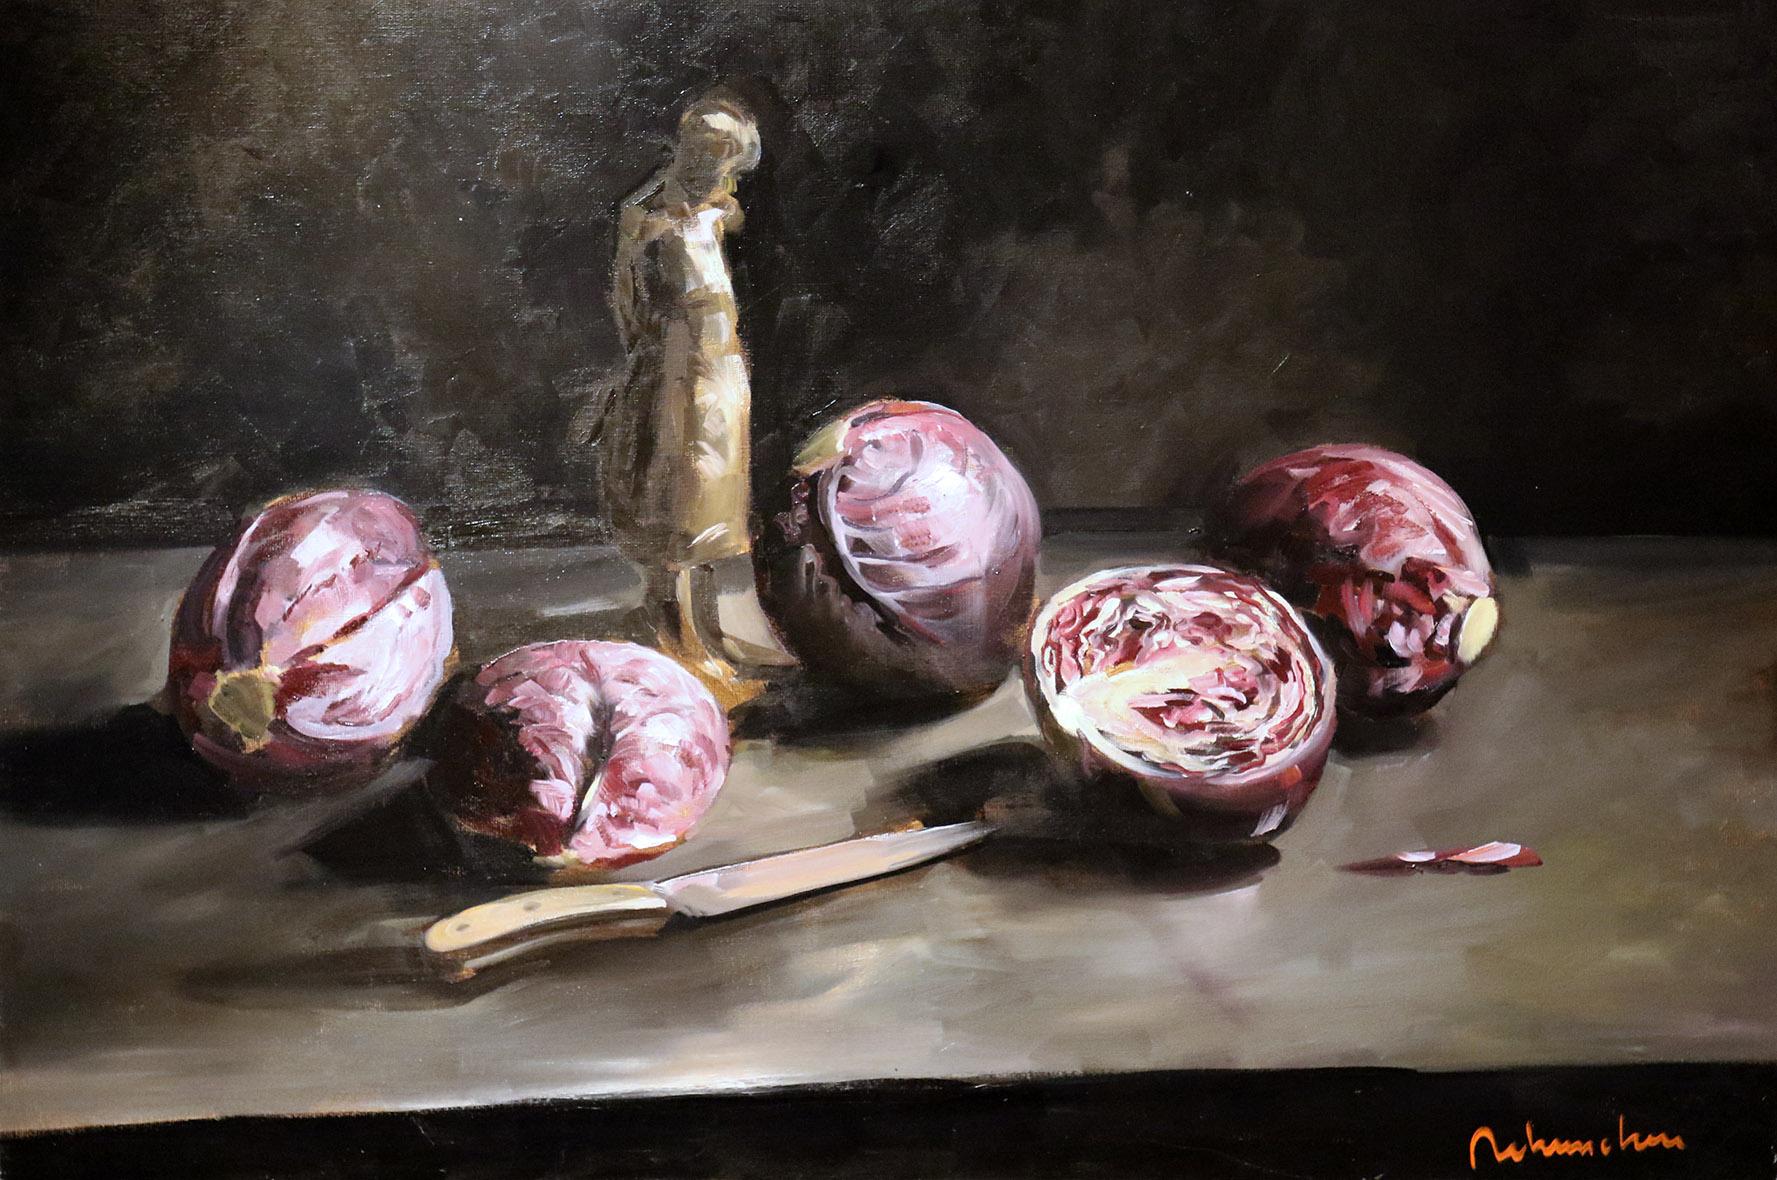 Christoff DEBUSSCHERE - 58 - Les choux rouges - 80X10 cm